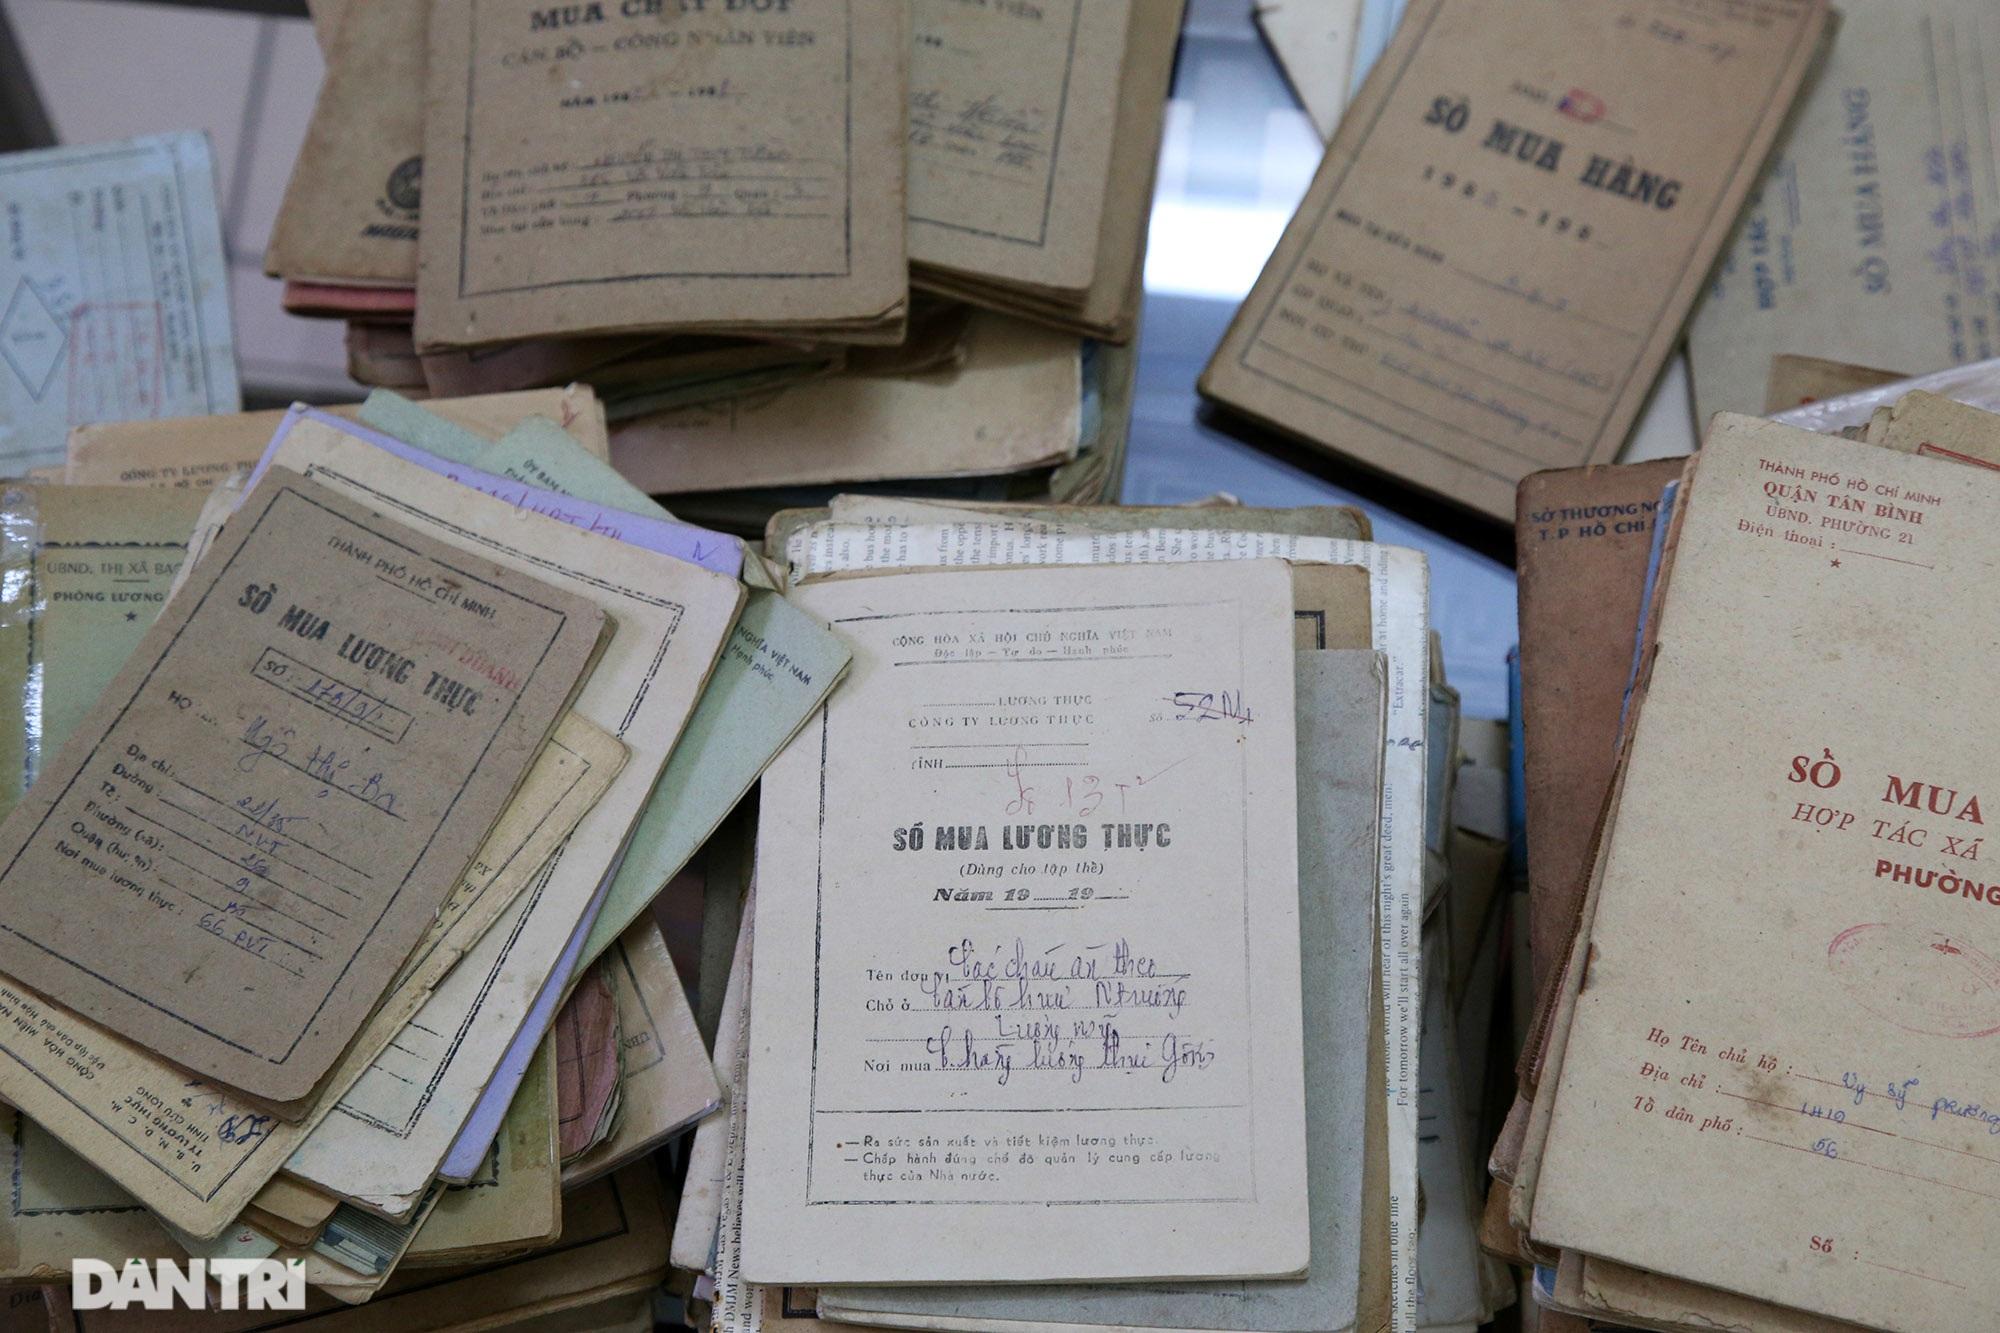 Ký ức gian khó qua bộ sưu tập tem phiếu, sổ gạo thời bao cấp - 2